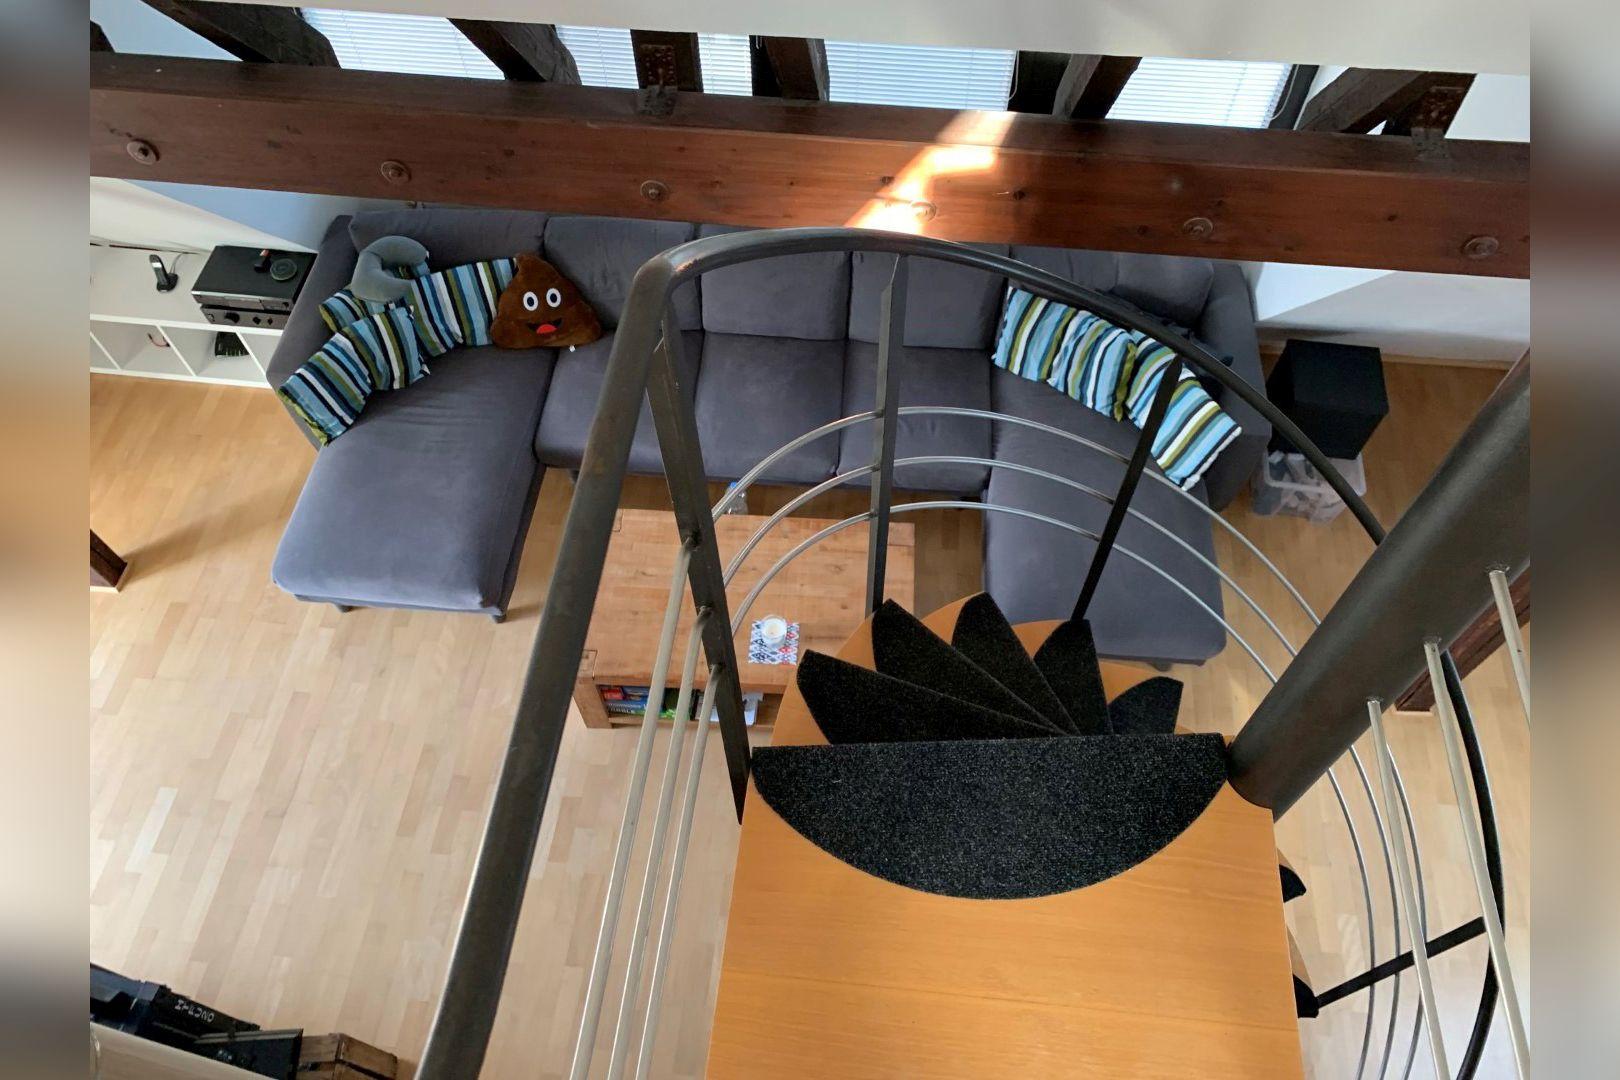 Immobilie Nr.0251 - Maisonette-Wohnung mit Galerie und großer Dachterrasse  - Bild 2.jpg